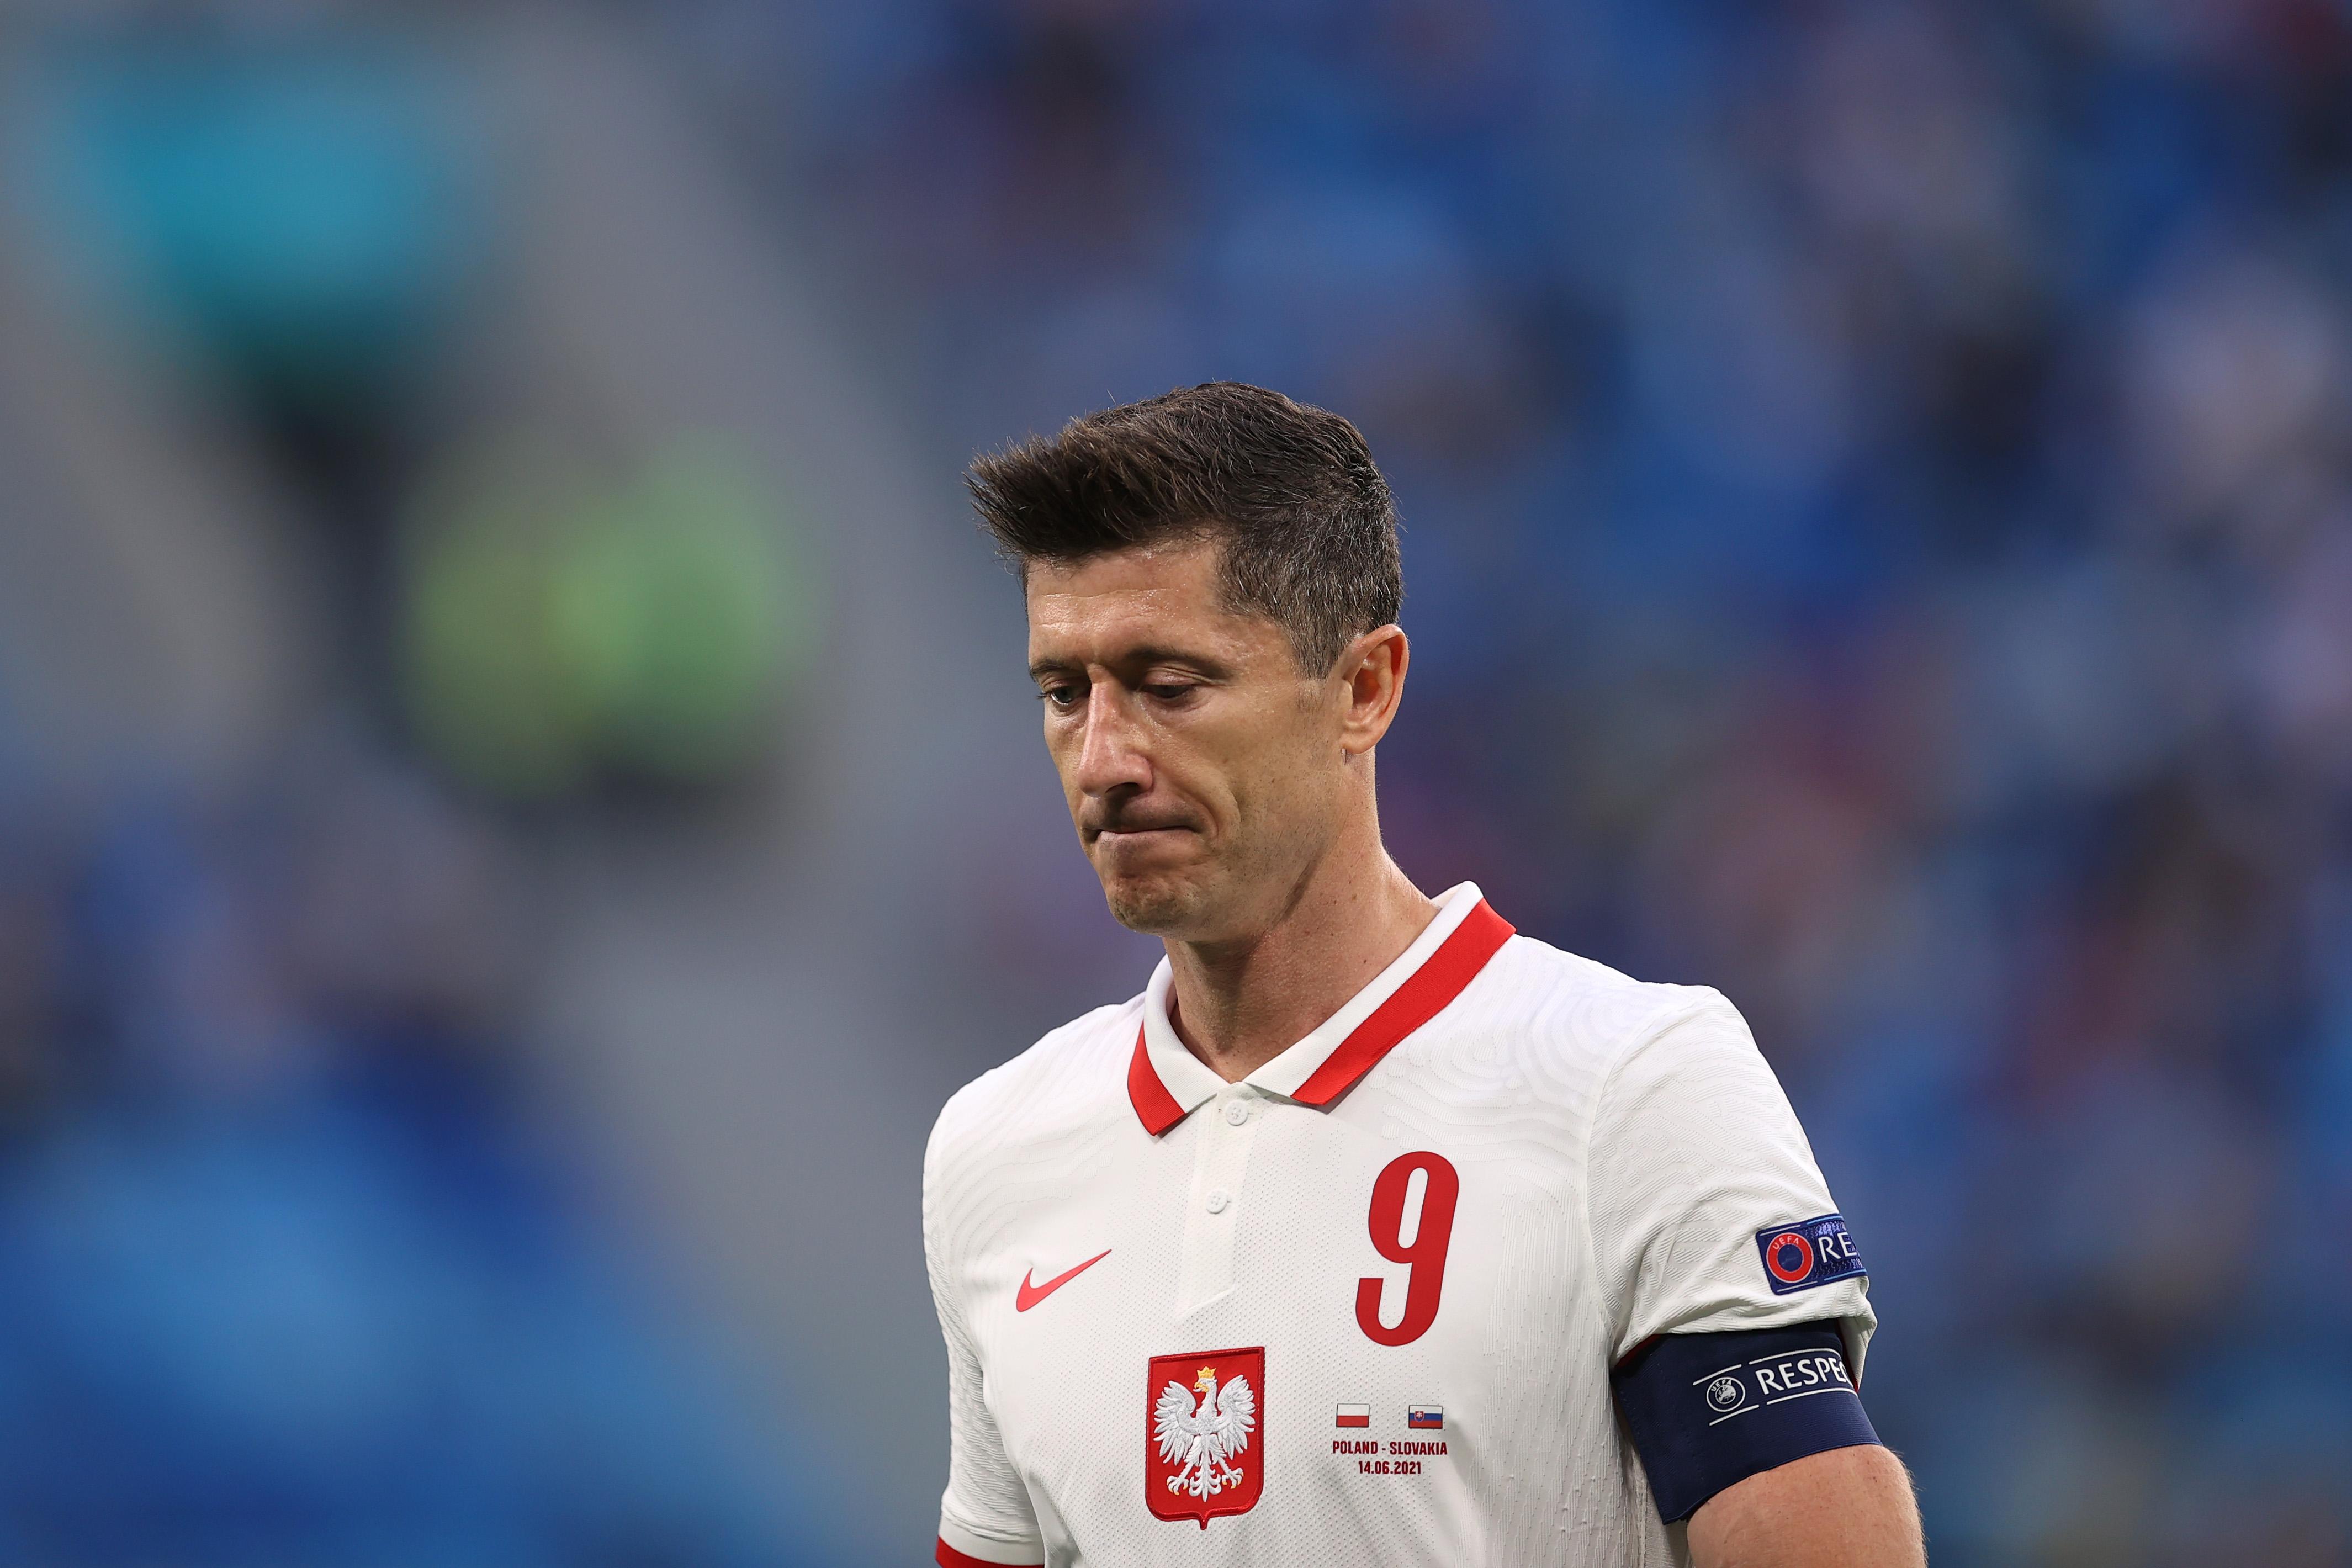 Artilheiro do Bayern, Lewandowski teve atuação apagada na estreia polonesa -